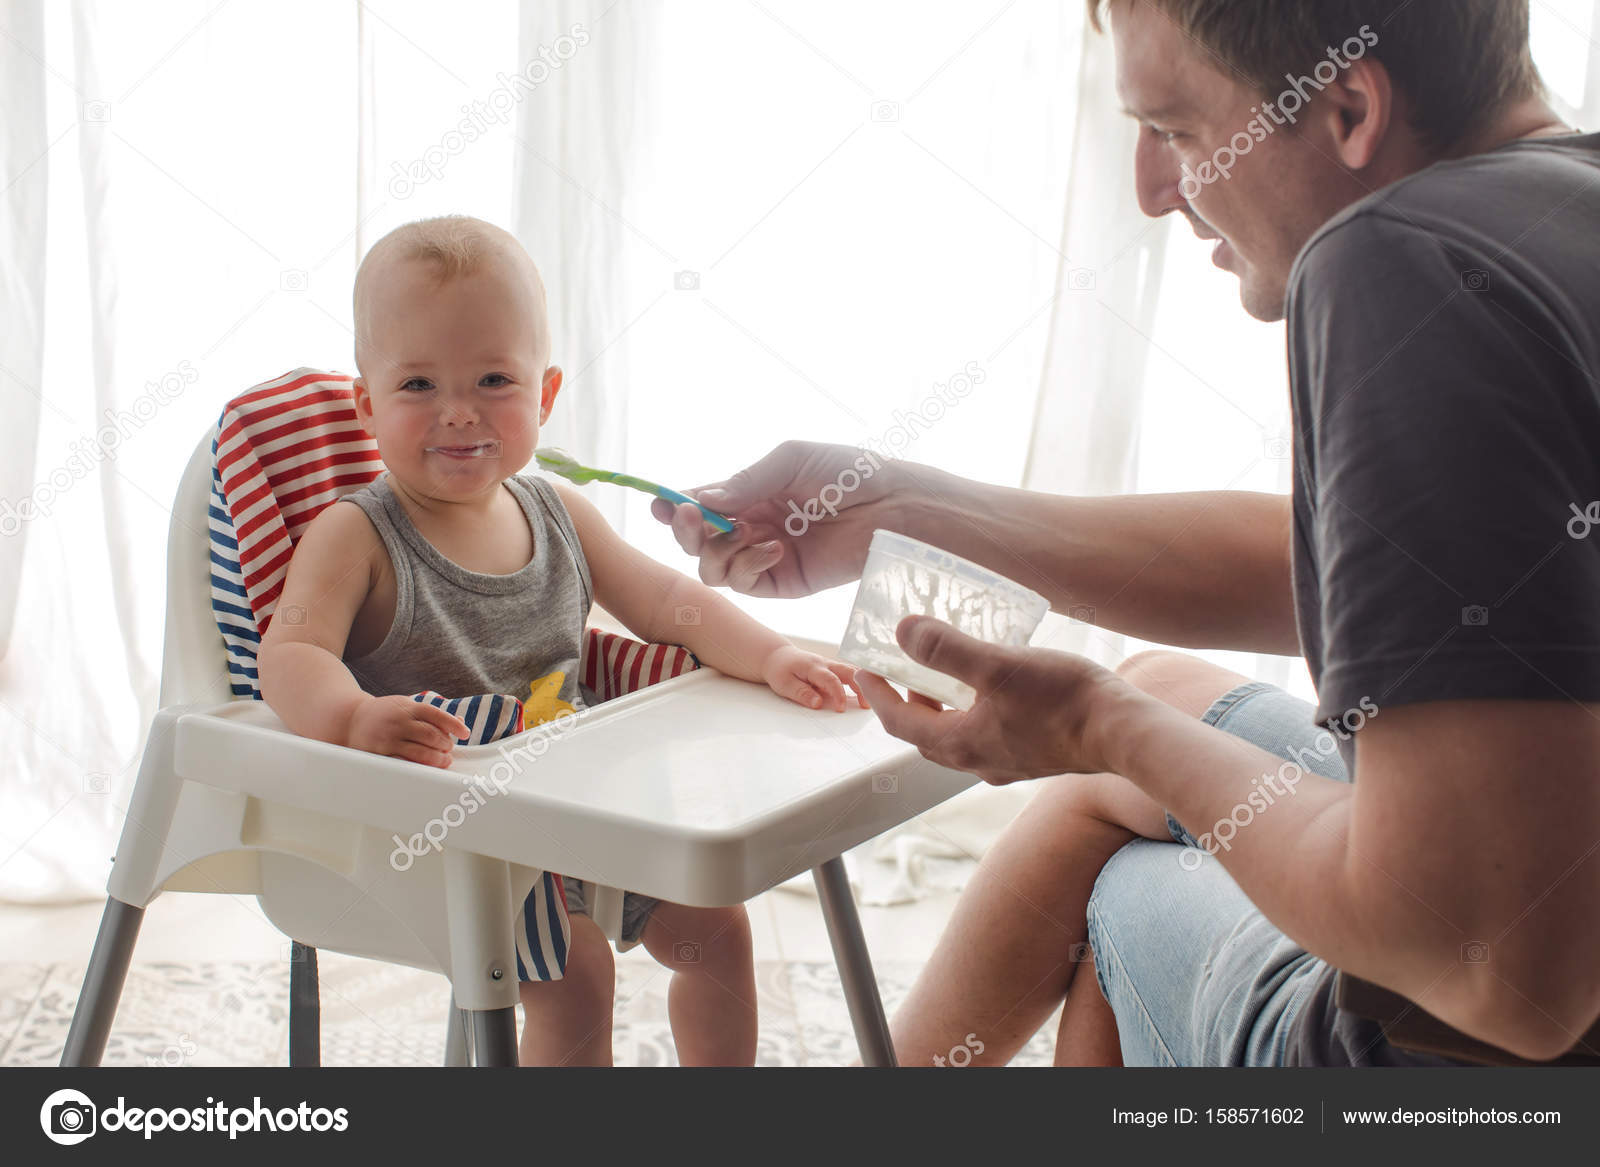 padre las casas chat Actualmente tenemos 15 publicaciones de casas en venta en padre las casas, la araucanía.